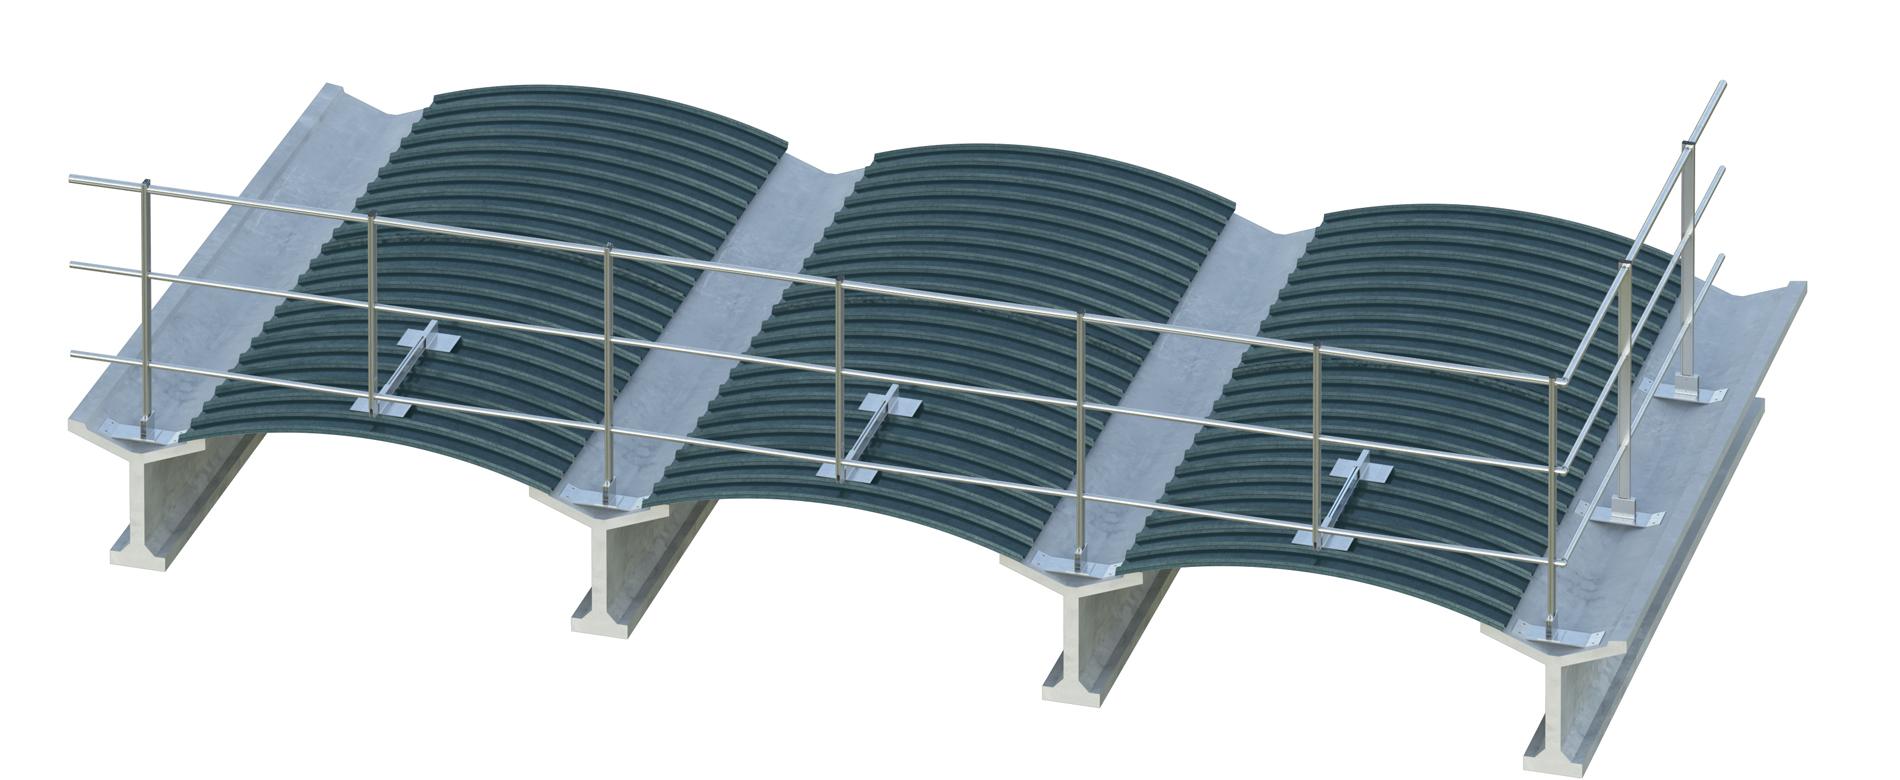 Altezza Dei Parapetti i parapetti per tetti: la soluzione migliore per chi lavora